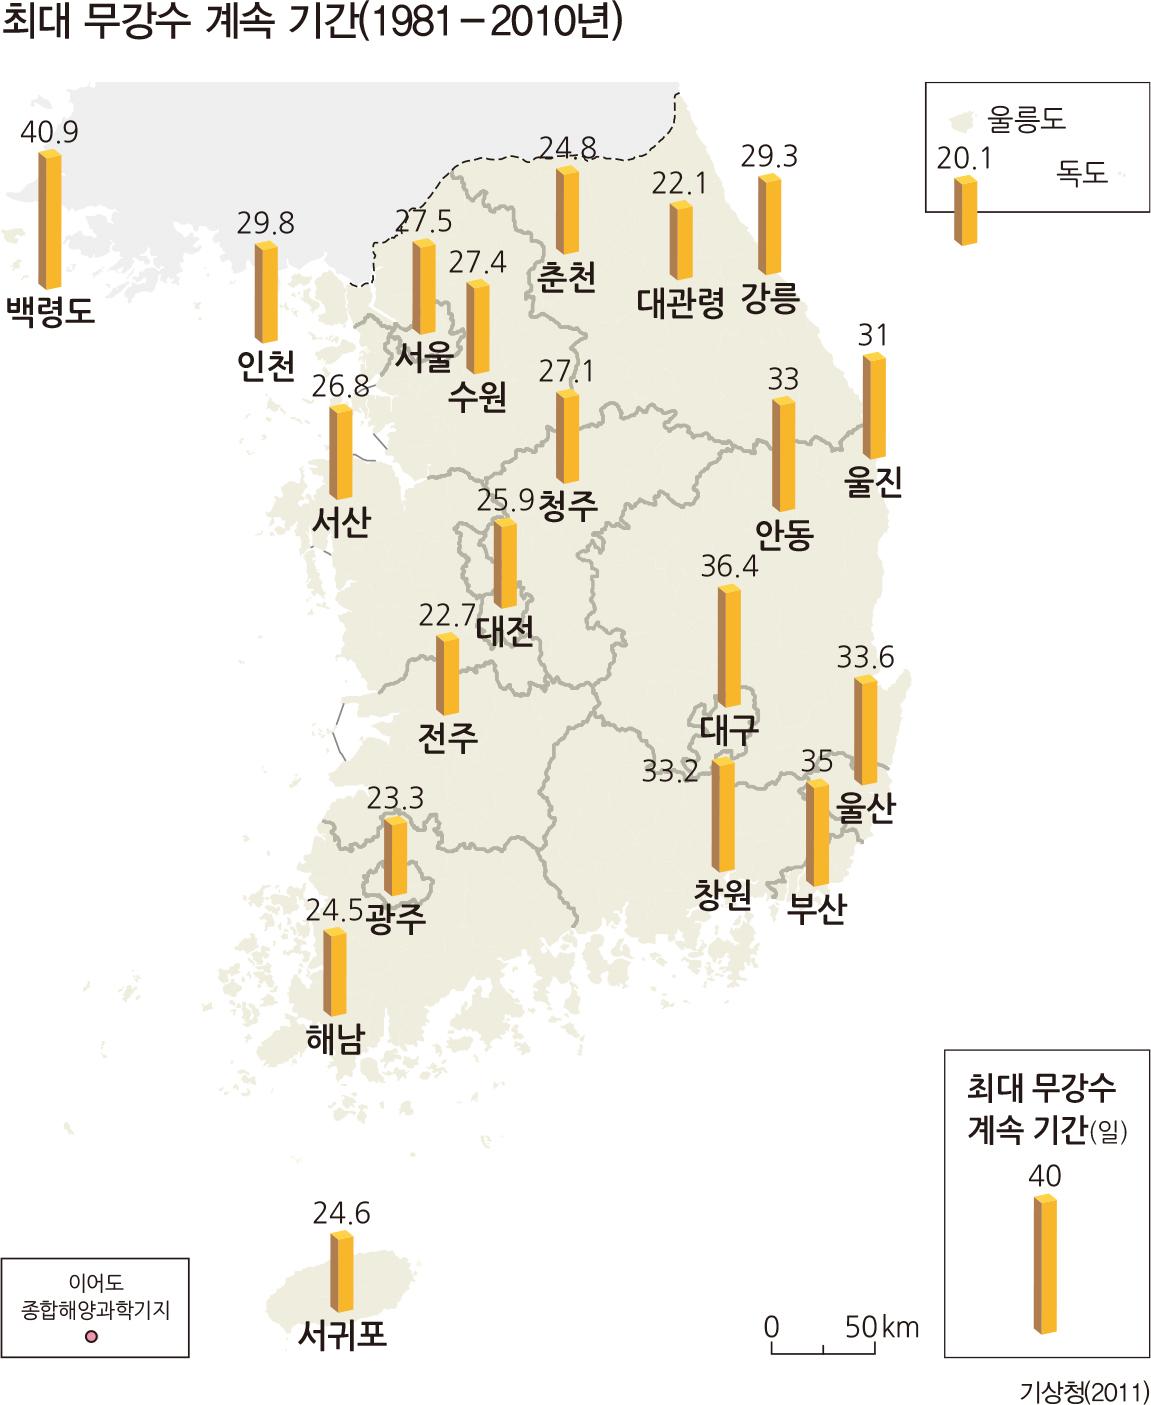 최대 무강수 계속 기간(1981-2010년)